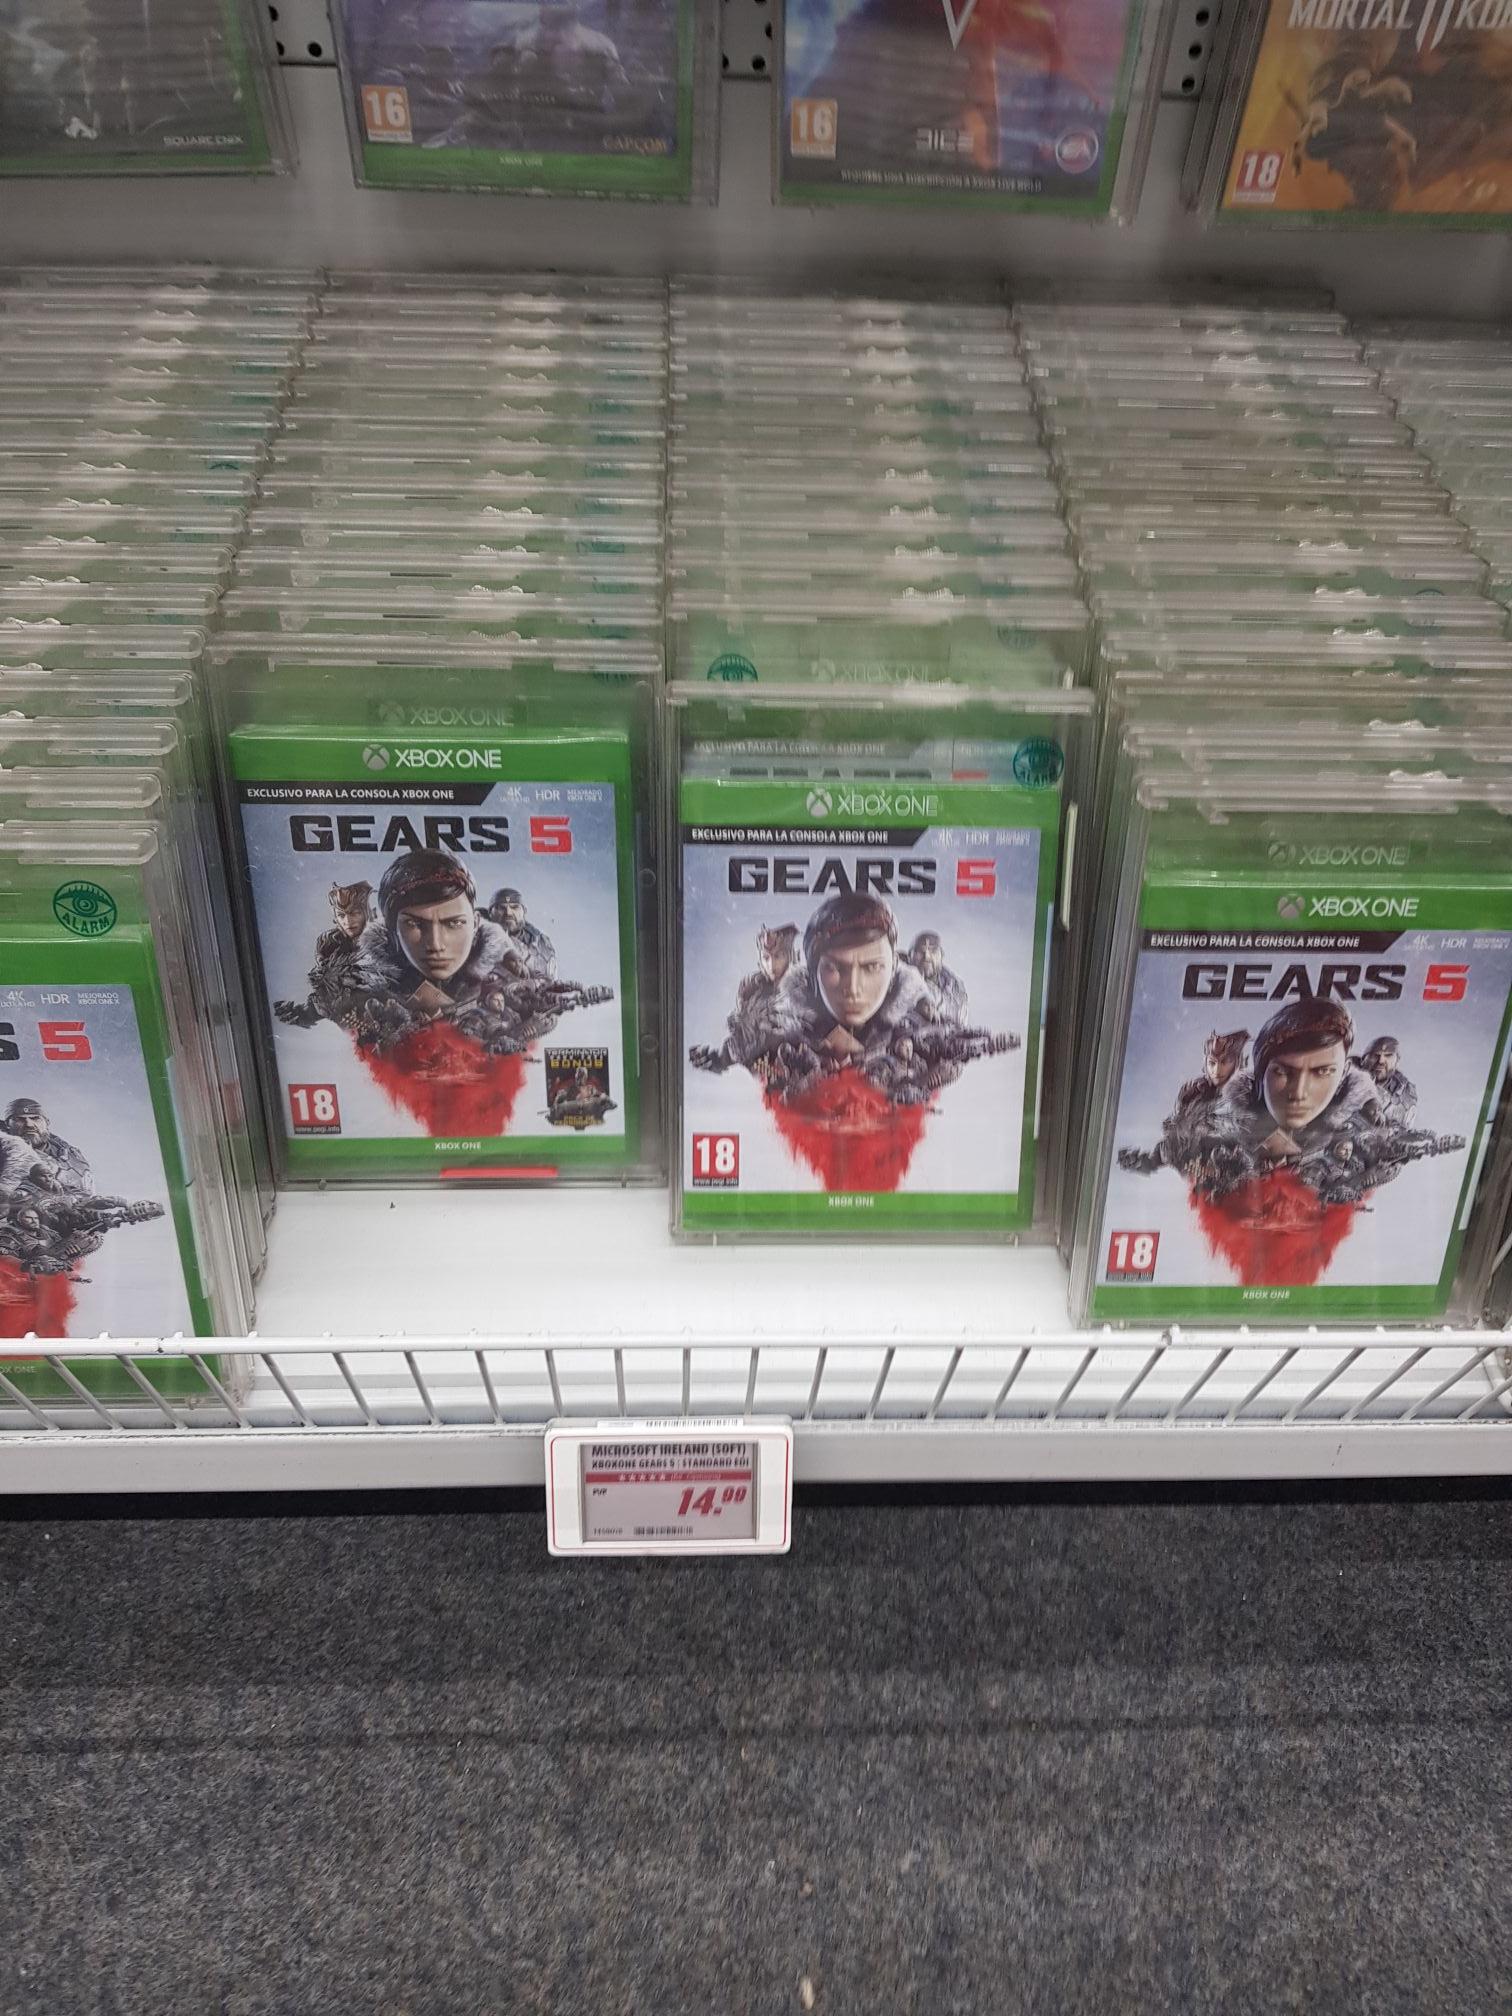 Gears of war 5 mediamark maquinista